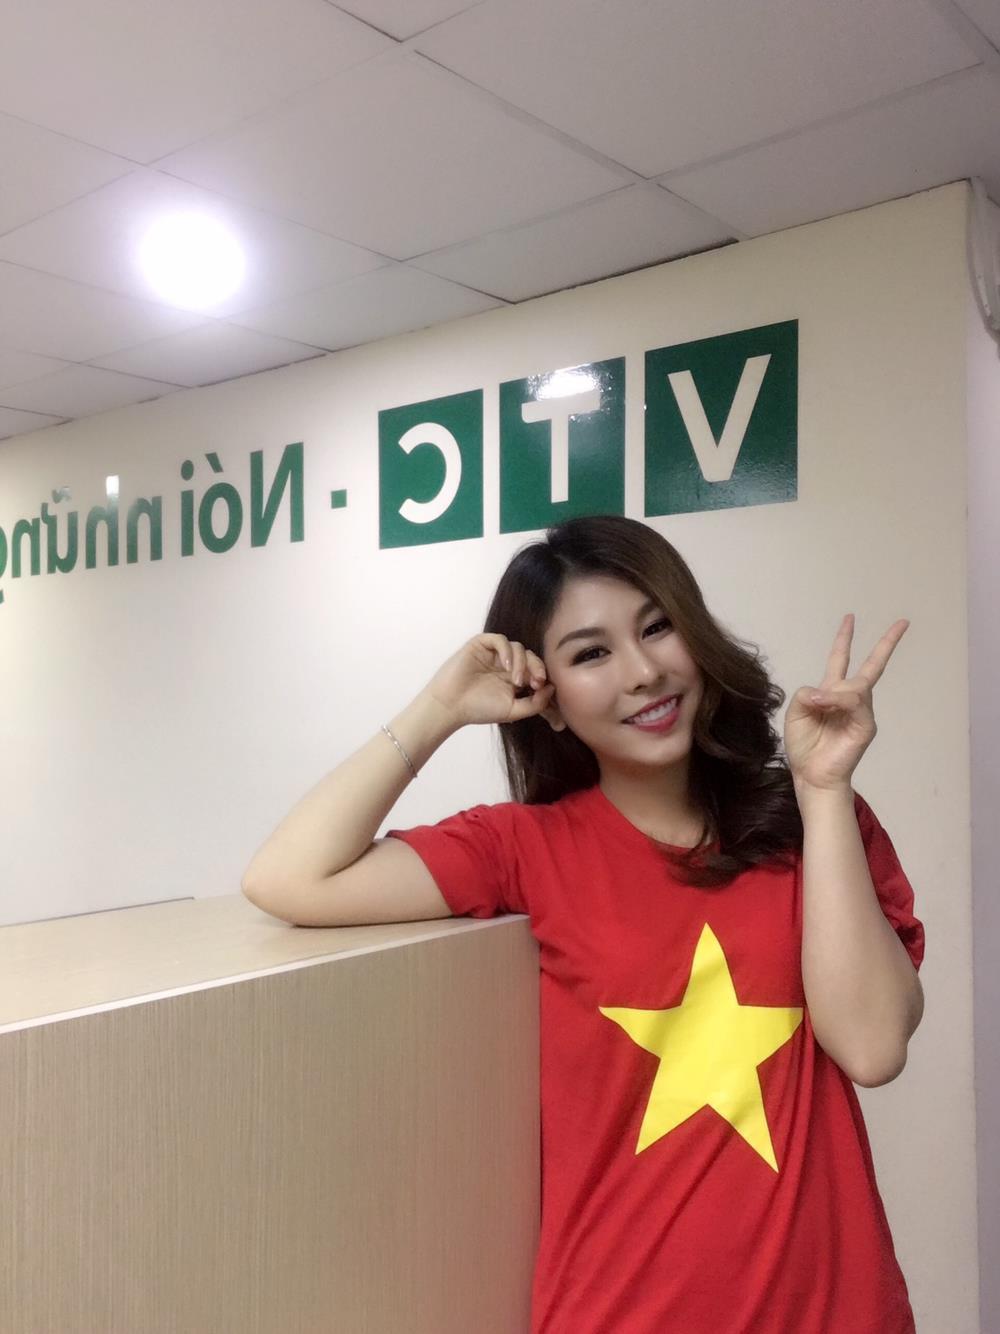 Nữ MC gợi cảm nhận 'mưa' lời khen sau bình luận sắc sảo trên VTV